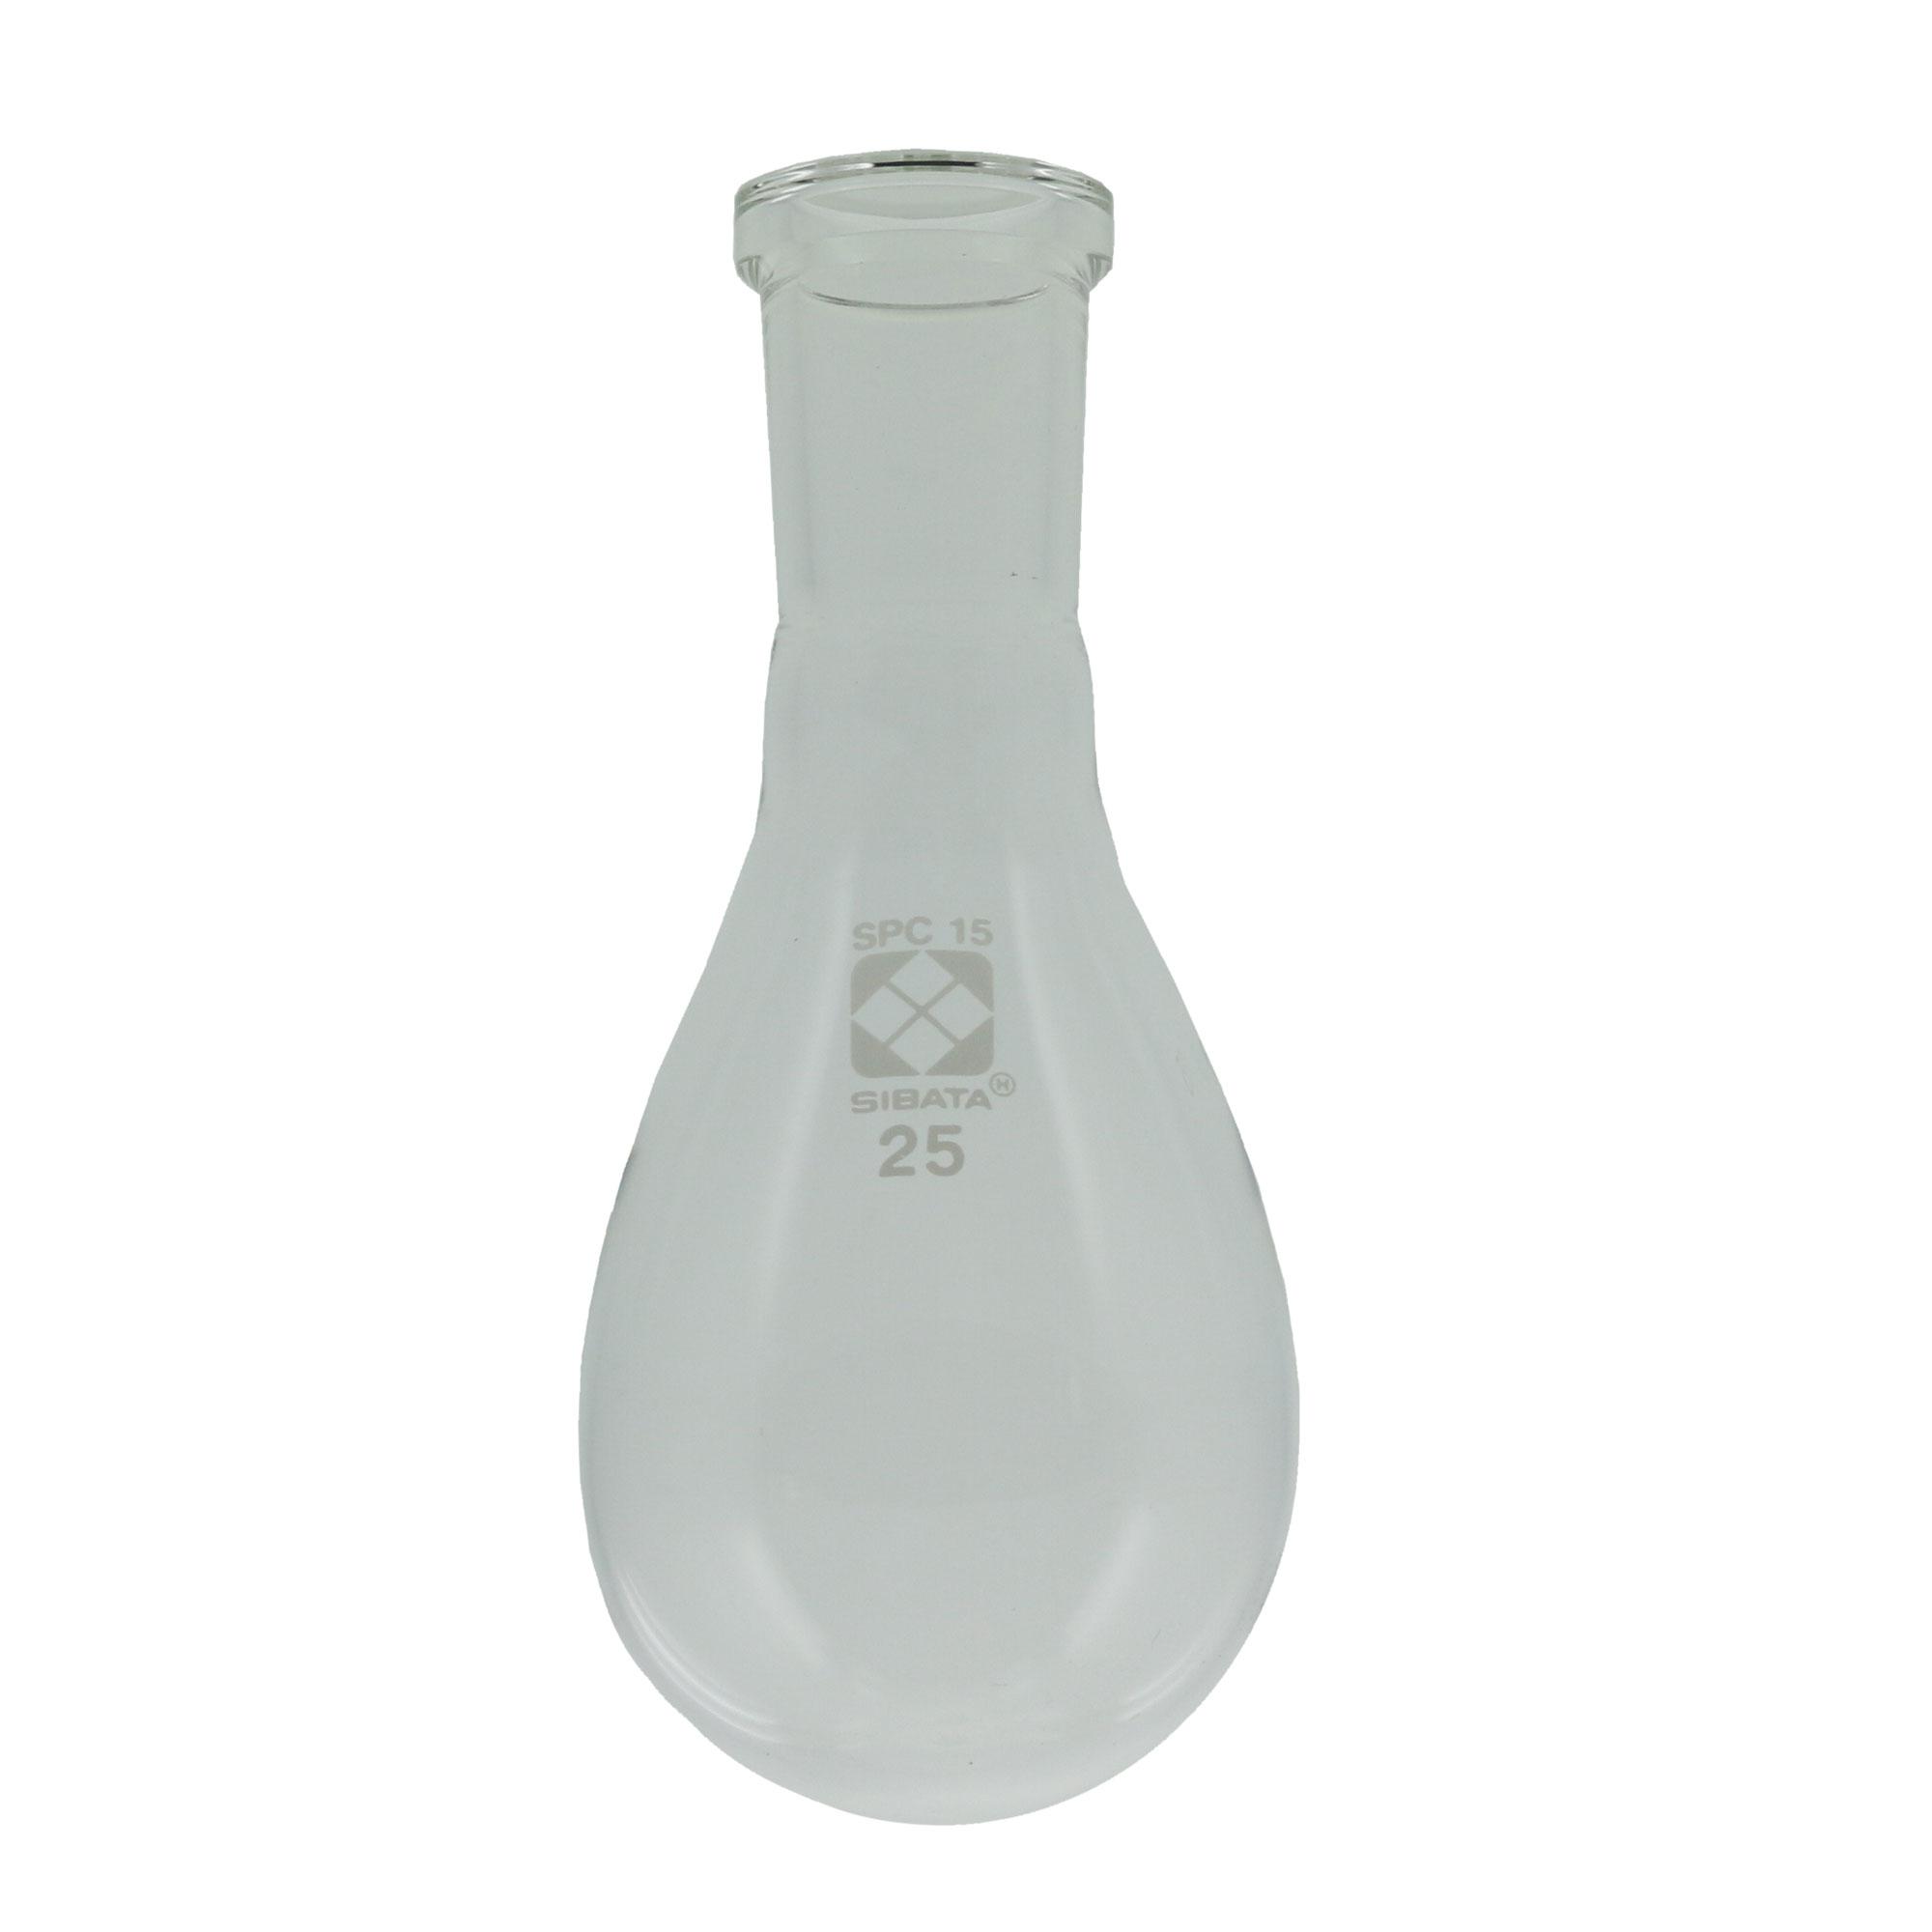 SPCなす形フラスコ 25mL SPC-15